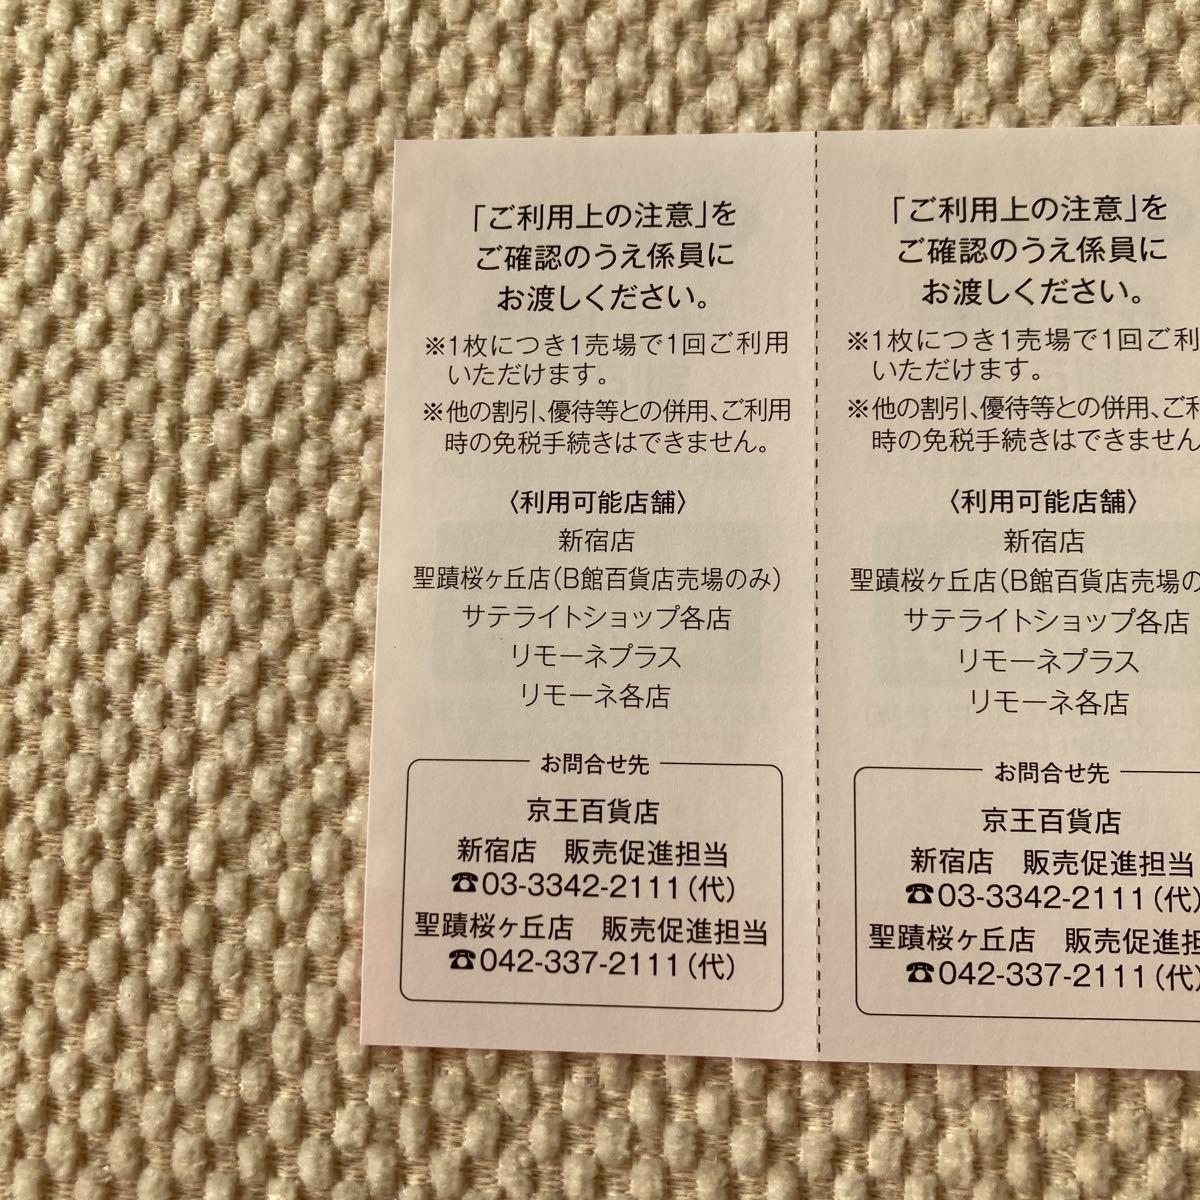 京王百貨店 株主優待割引券5枚 京王電鉄_画像2